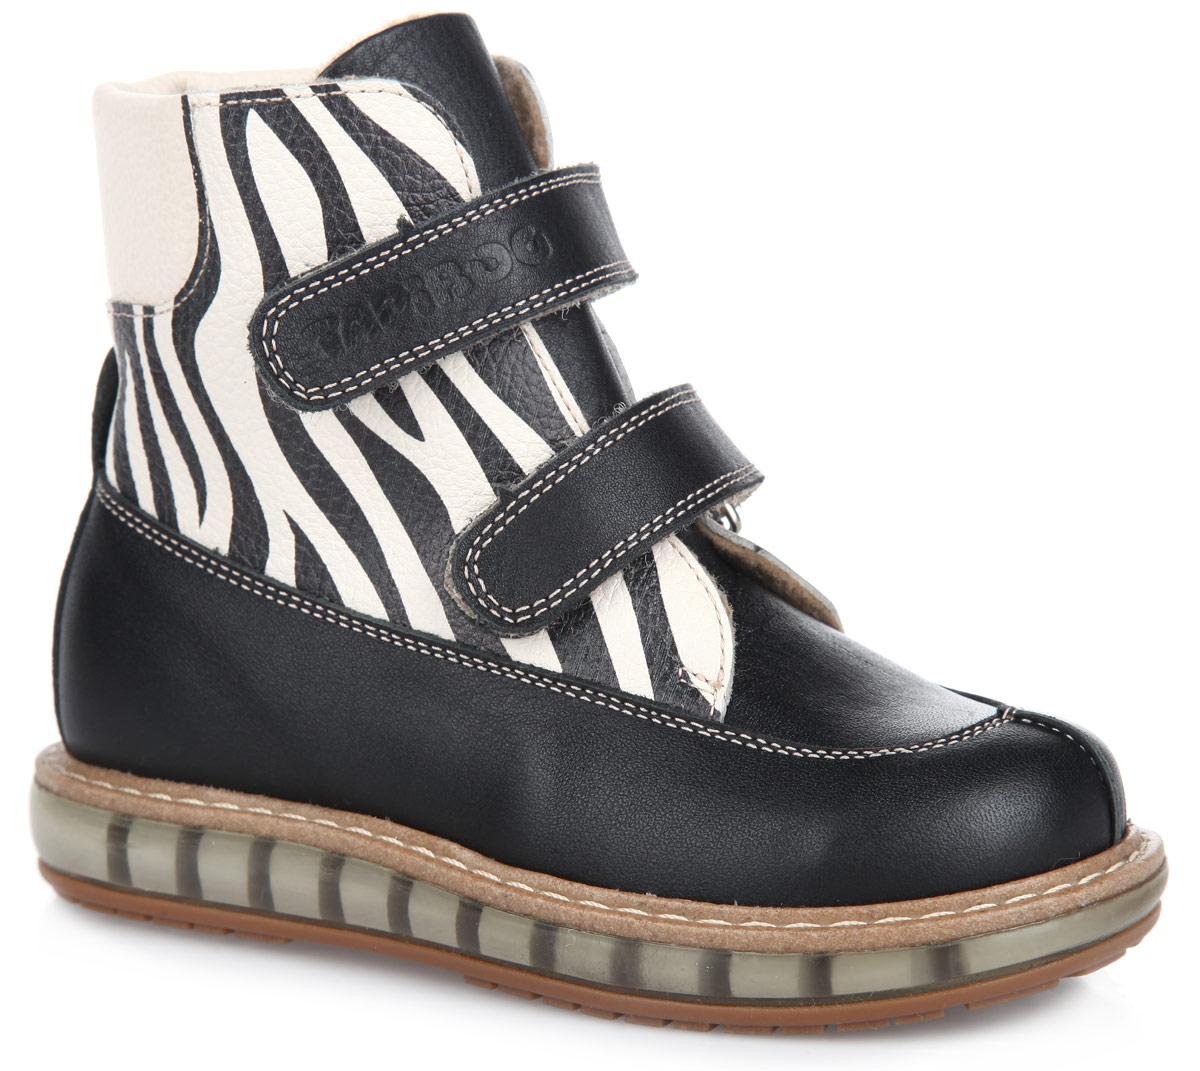 Ботинки для девочки. FT001.15-OL01O.01FT-23001.15-OL01O.01Стильные детские ботинки TapiBoo приведут в восторг вашу дочурку. Модель выполнена из натуральной кожи разной фактуры и оформлена в верхней части принтом зебра. Подкладка и анатомическая стелька, изготовленные из мягкого и утепленного синтетического волокна, согреют ножки ребенка от холода и обеспечат уют. Ремешки на застежках-липучках позволяют оптимально подогнать полноту обуви по ноге и гарантируют надежную фиксацию. Жесткий фиксирующий задник с удлиненным крылом стабилизирует голеностопный сустав во время ходьбы. Задник декорирован наружным ремешком с символикой бренда. Упругая, умеренно-эластичная подошва, имеющая перекат, который позволяет повторить естественное движение стопы при ходьбе, предназначена для правильного распределения нагрузки на опорно-двигательный аппарат ребенка. Удобные ботинки придутся по душе вашему ребенку!